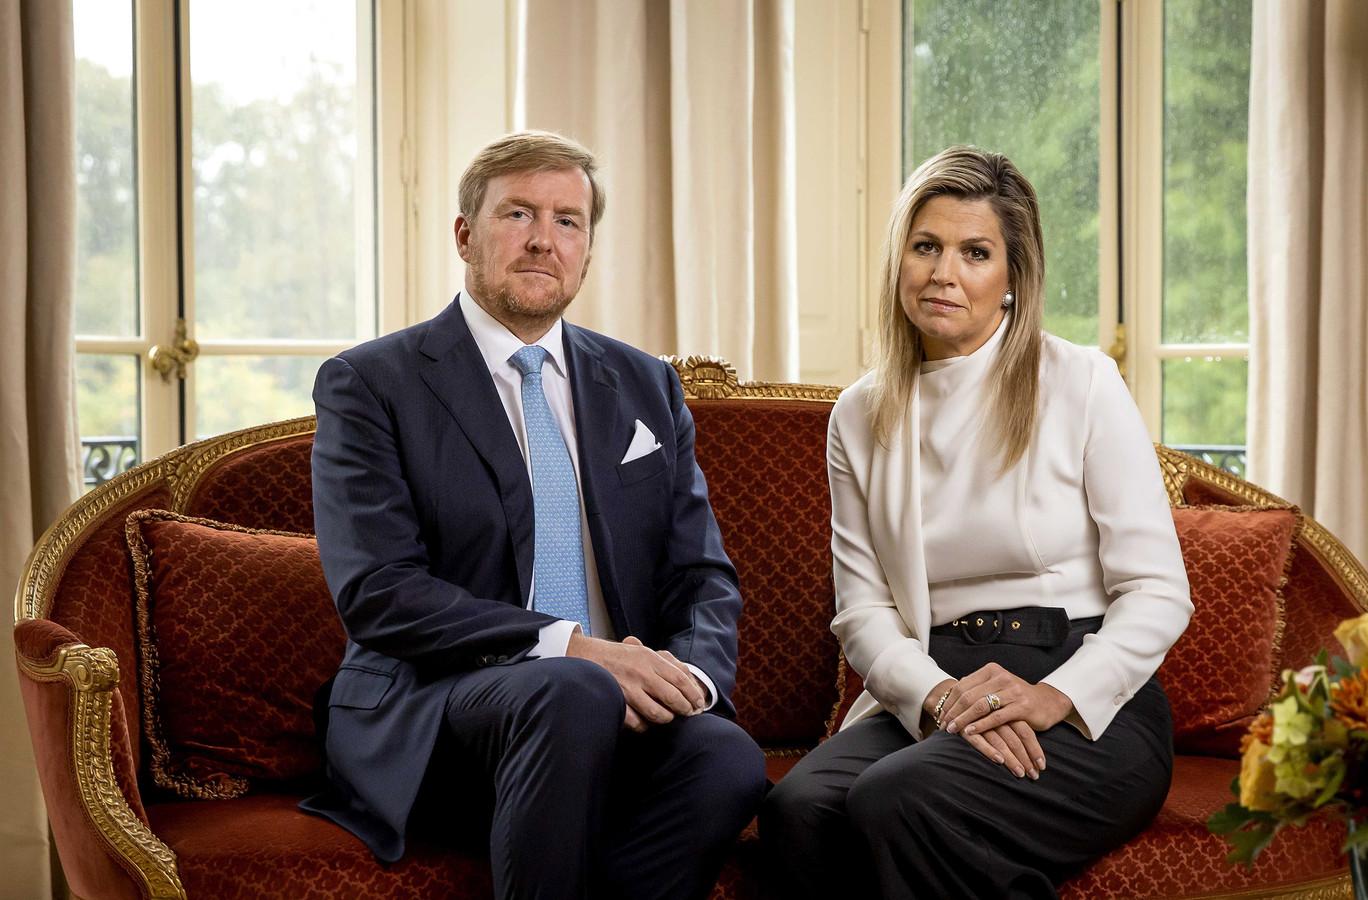 Koning Willem-Alexander en koningin Máxima bedanken hulpverleners voor hun inzet tijdens de rellen.